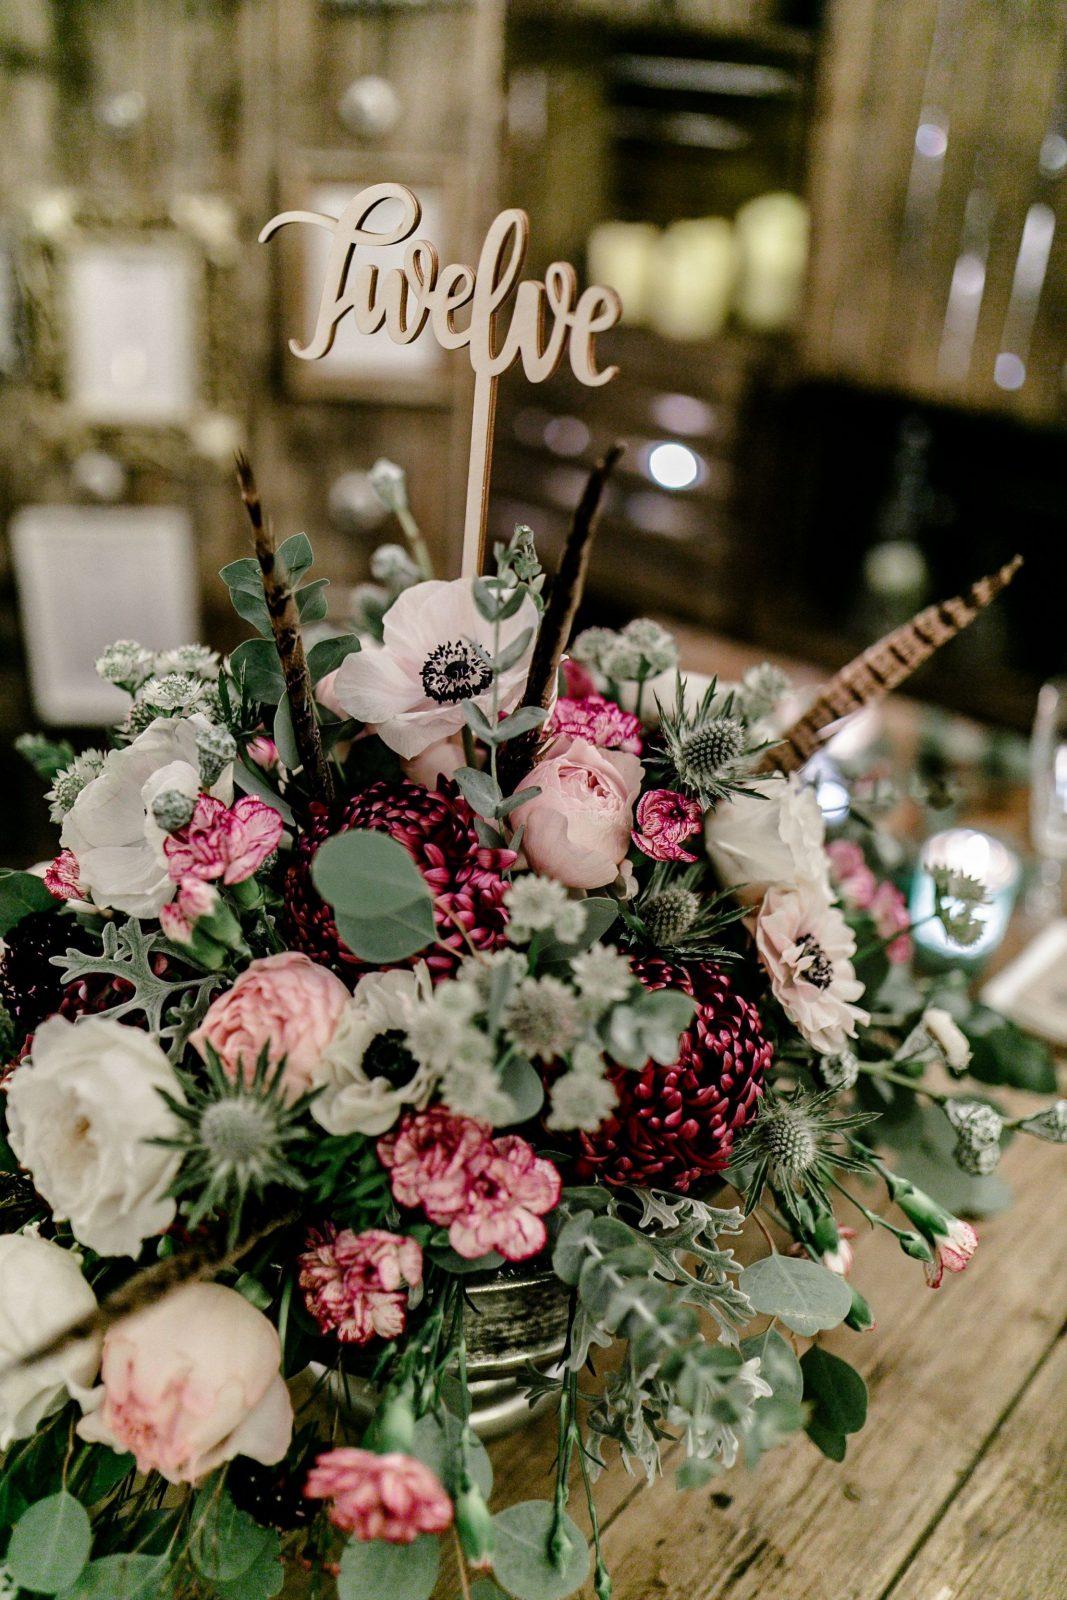 Tischnummer Aus Holz Und Blumen Von Deko Und Design In Weinsberg von Deko Und Design Weinsberg Bild